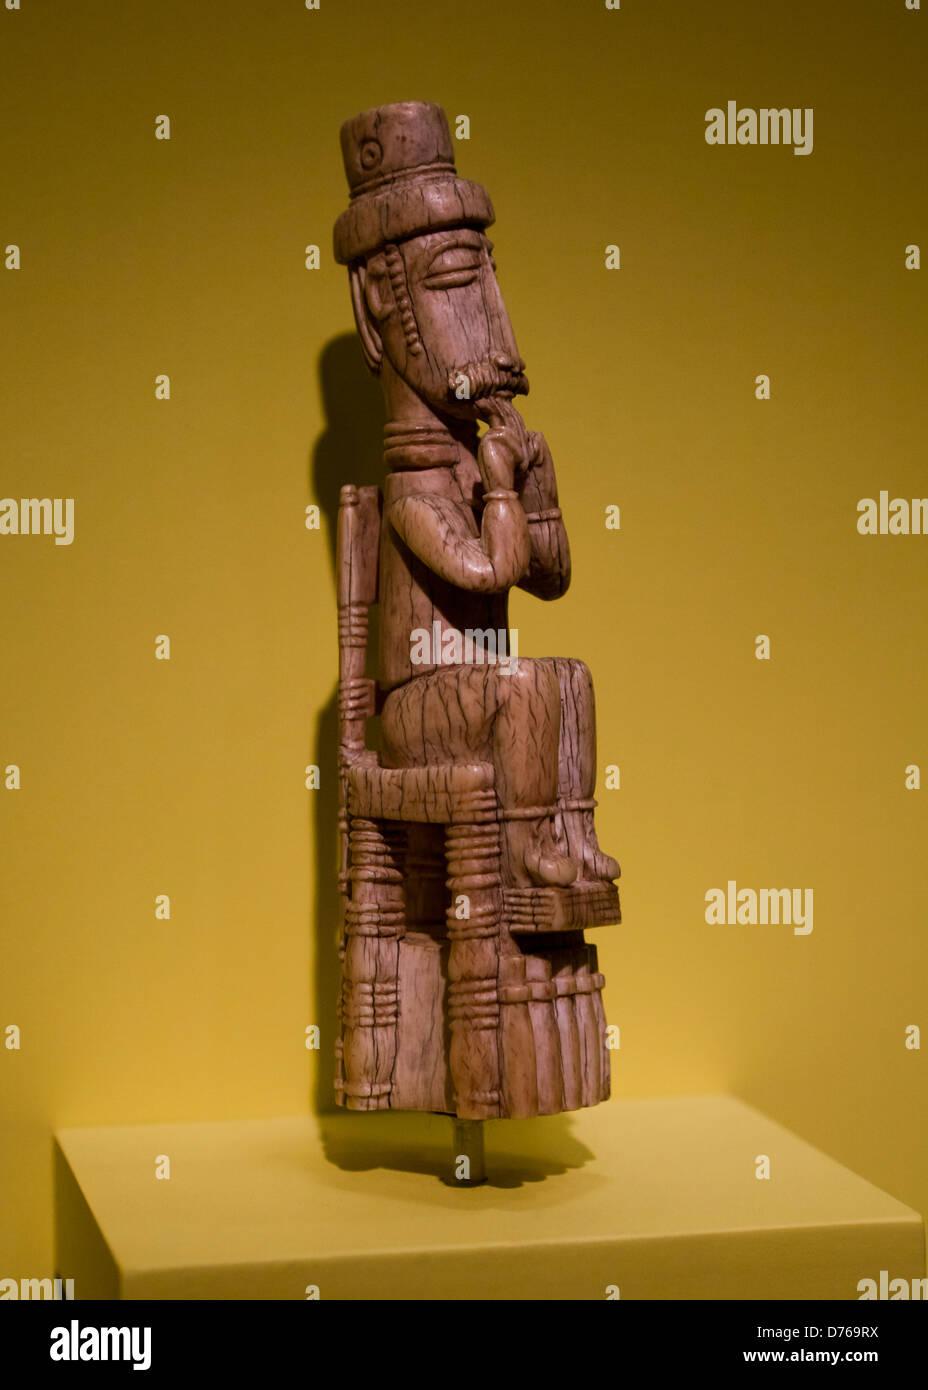 Avorio figura dal Attie (o) Akye popoli, Costa d'Avorio Immagini Stock